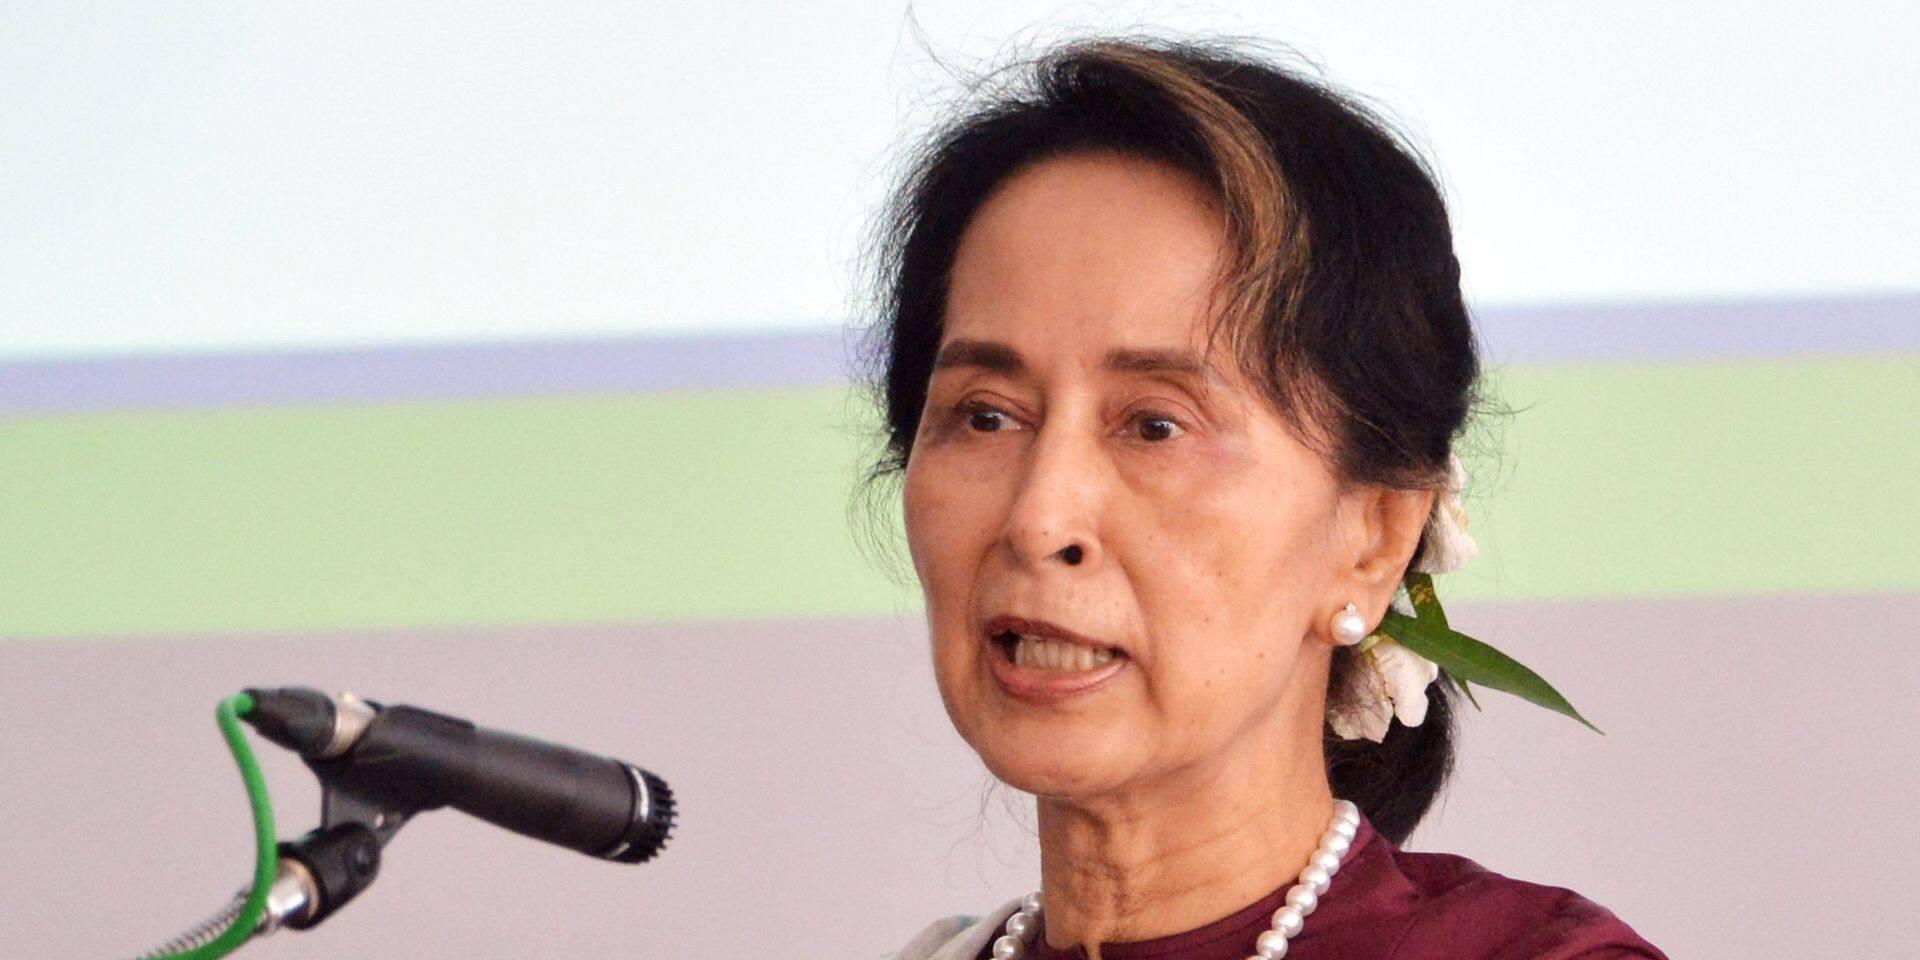 Birmanie: nouvelles accusations contre Aung San Suu Kyi, plusieurs villes en proie aux violences